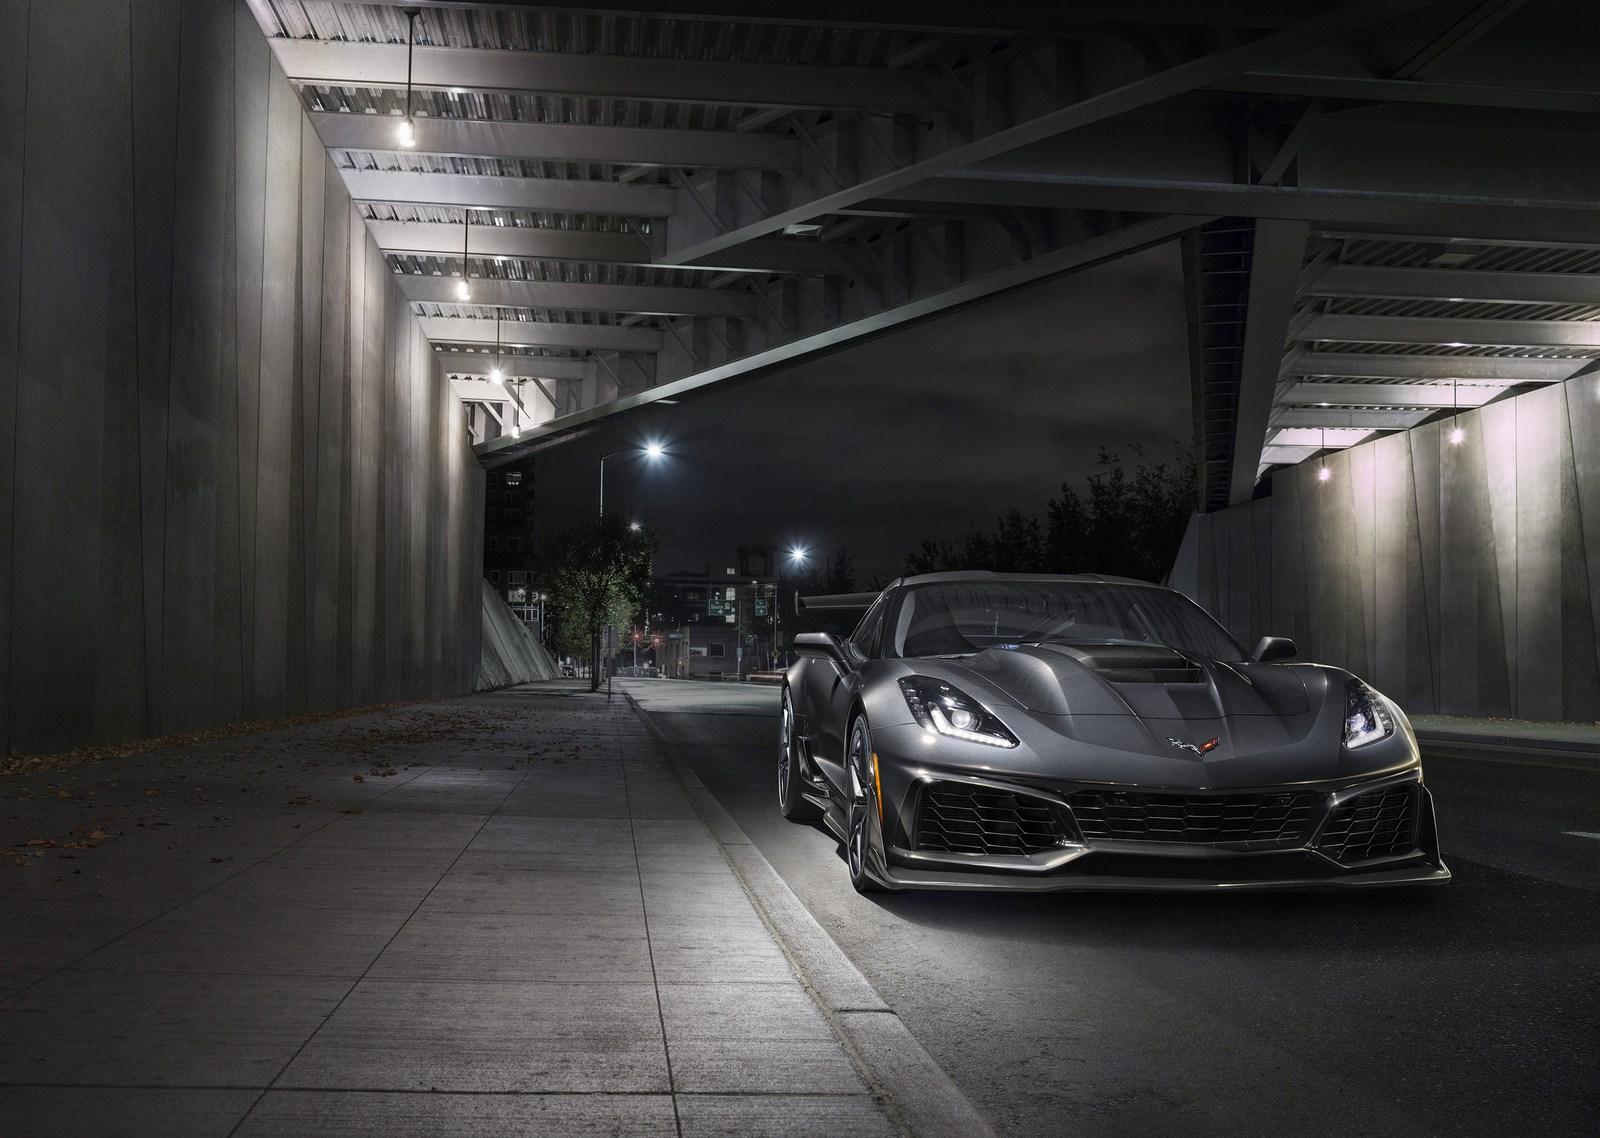 2019-Chevrolet-Corvette-ZR1-003